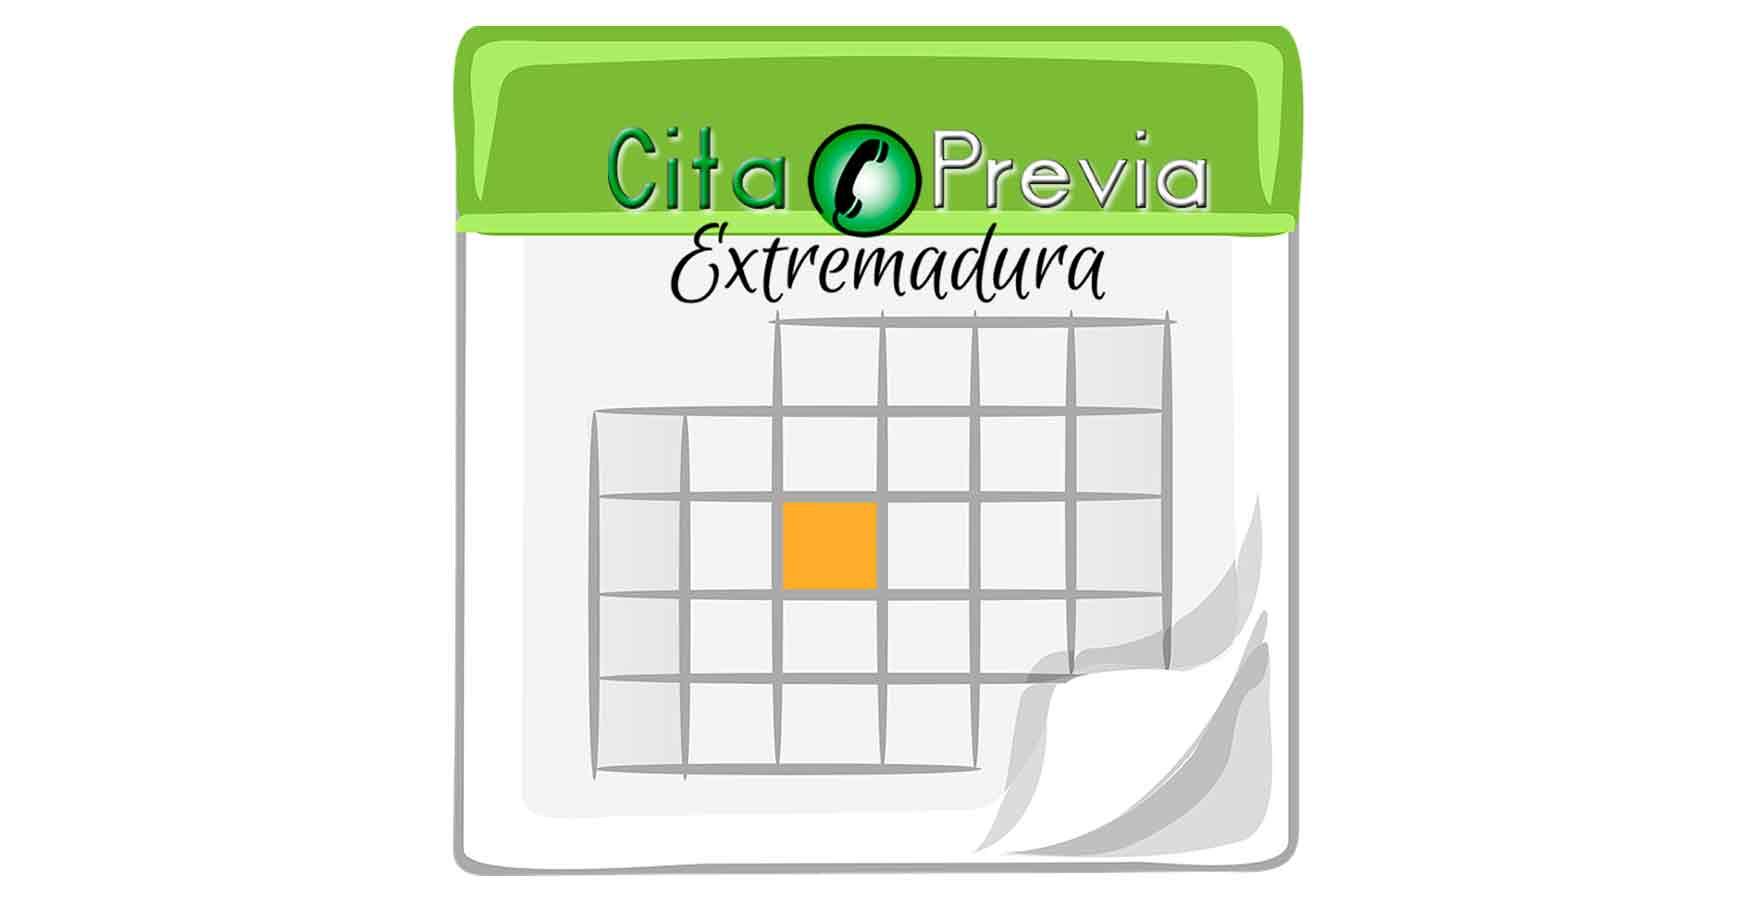 Calendario Laboral 2020 Extremadura.Calendario Laboral Extremadura Cita Previa Extremadura